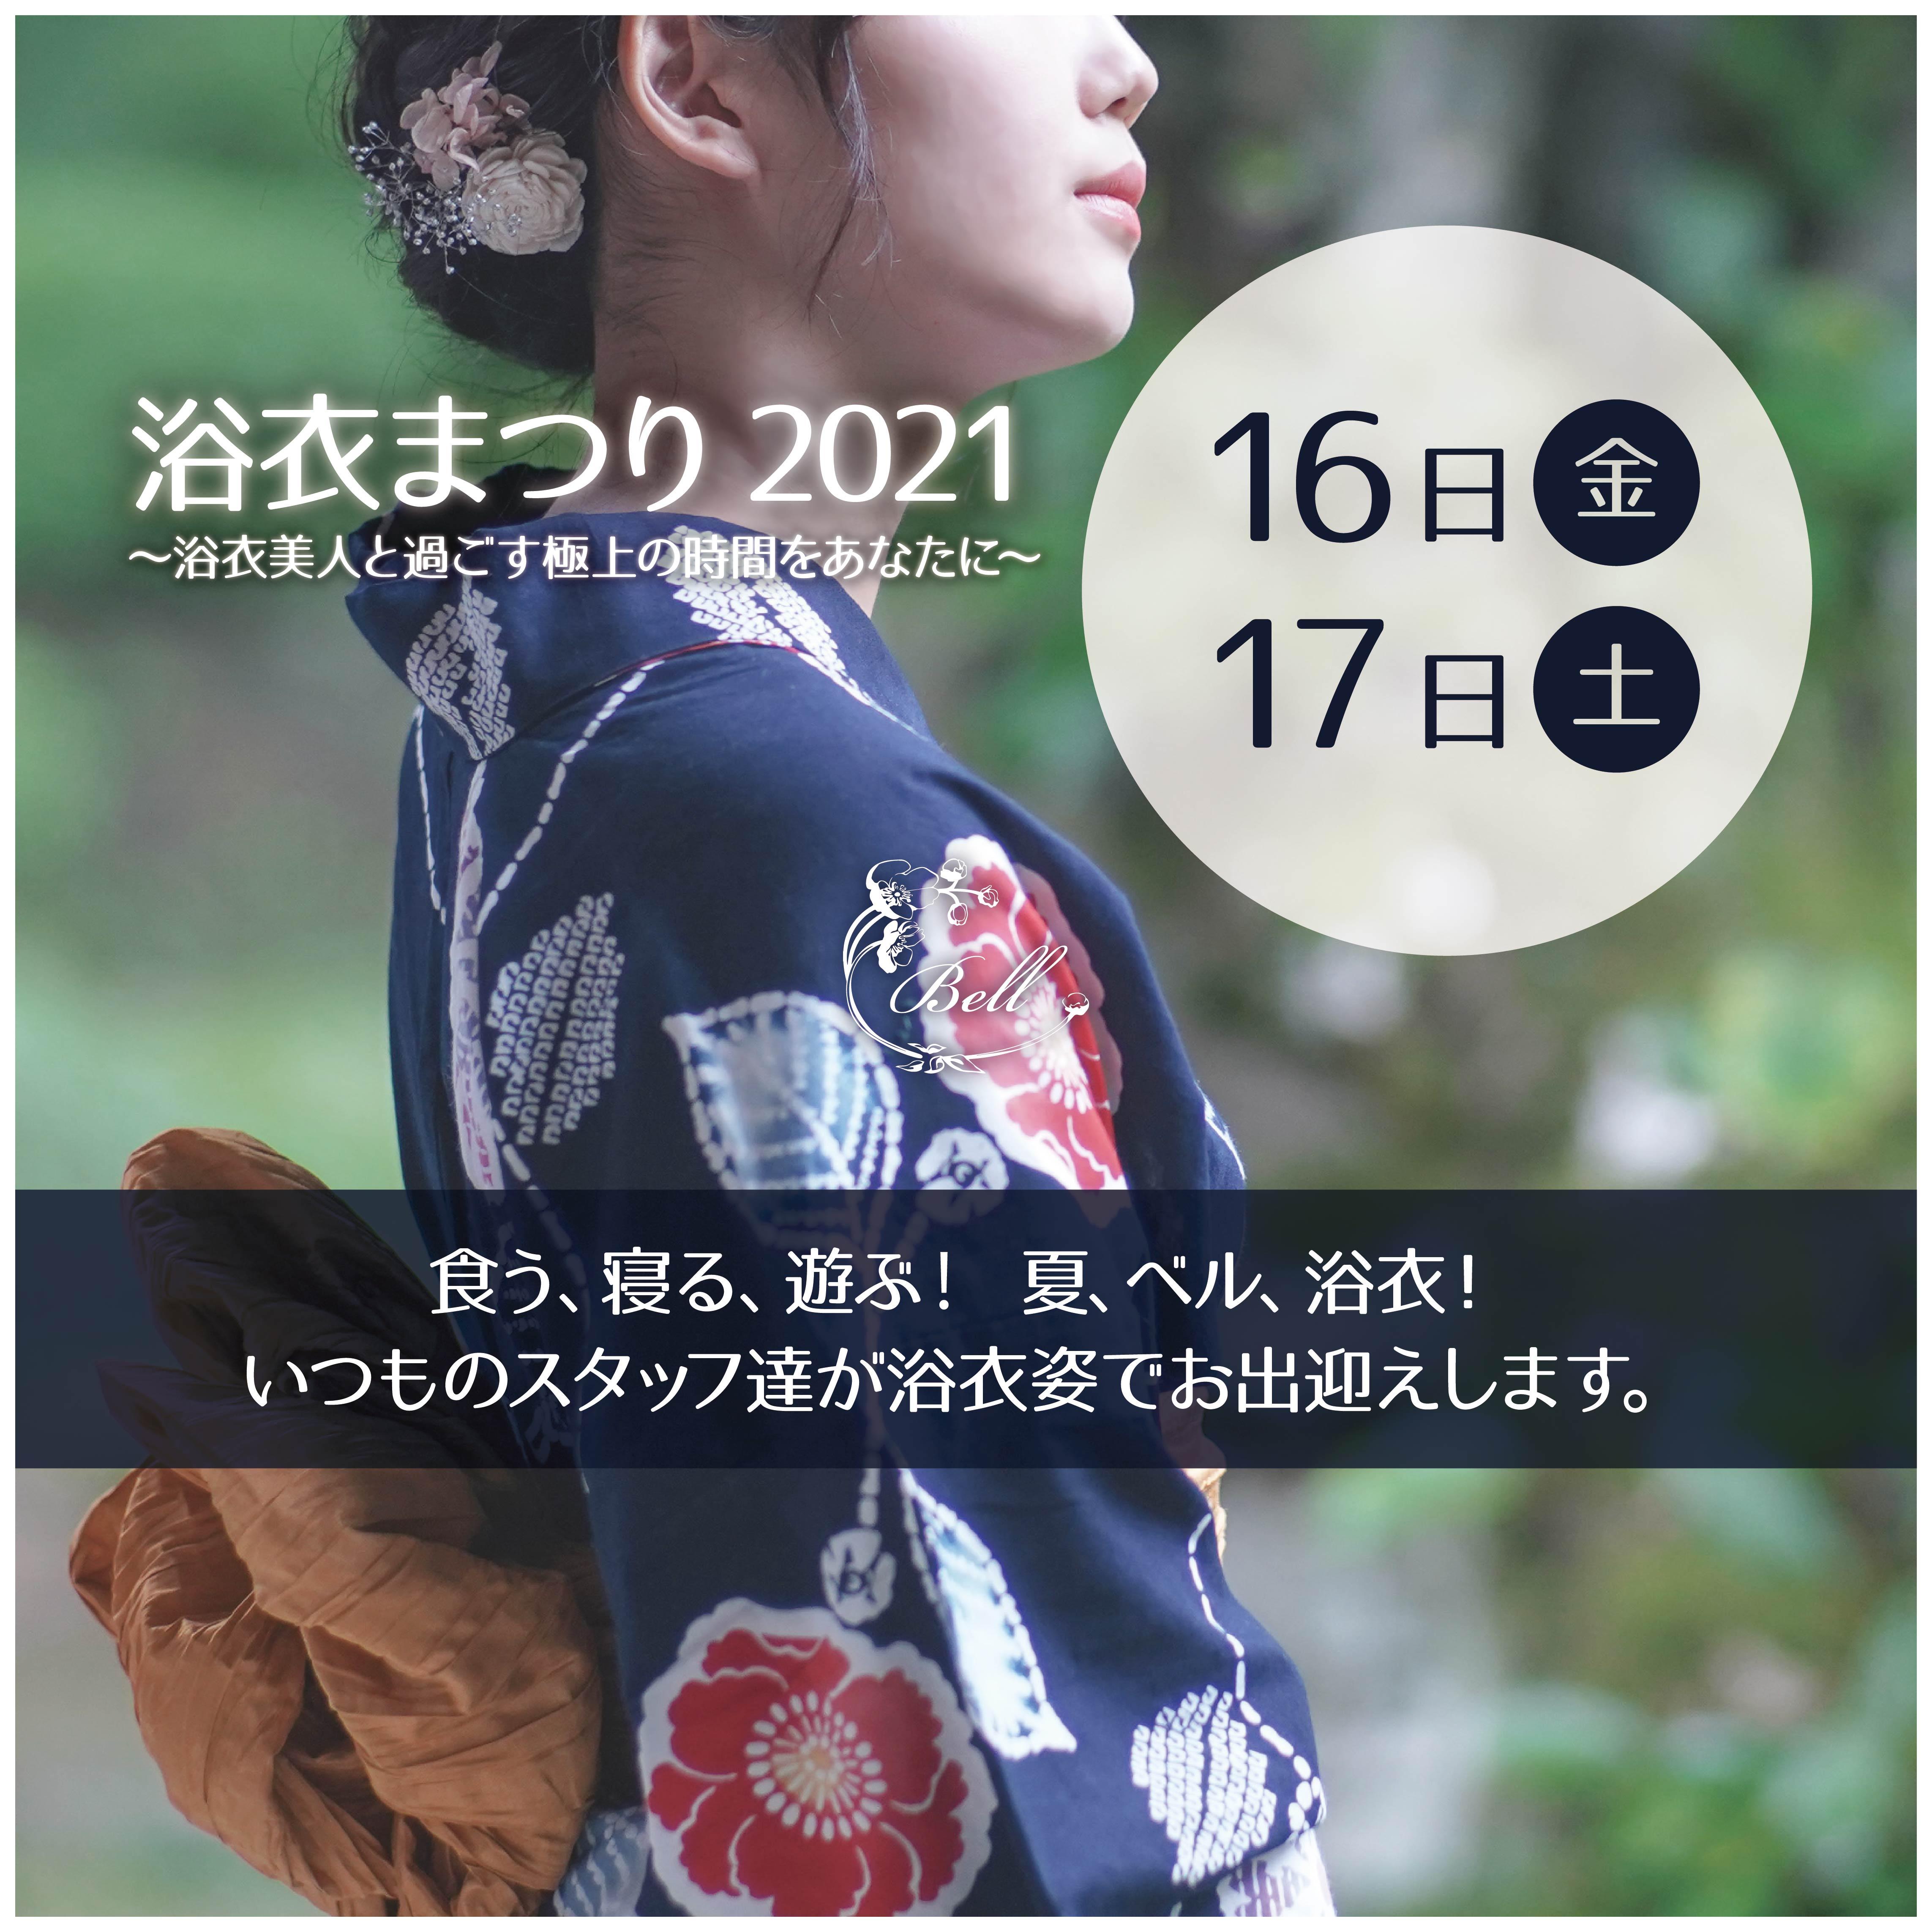 富山市 スナック【BELL ベル】ニュース